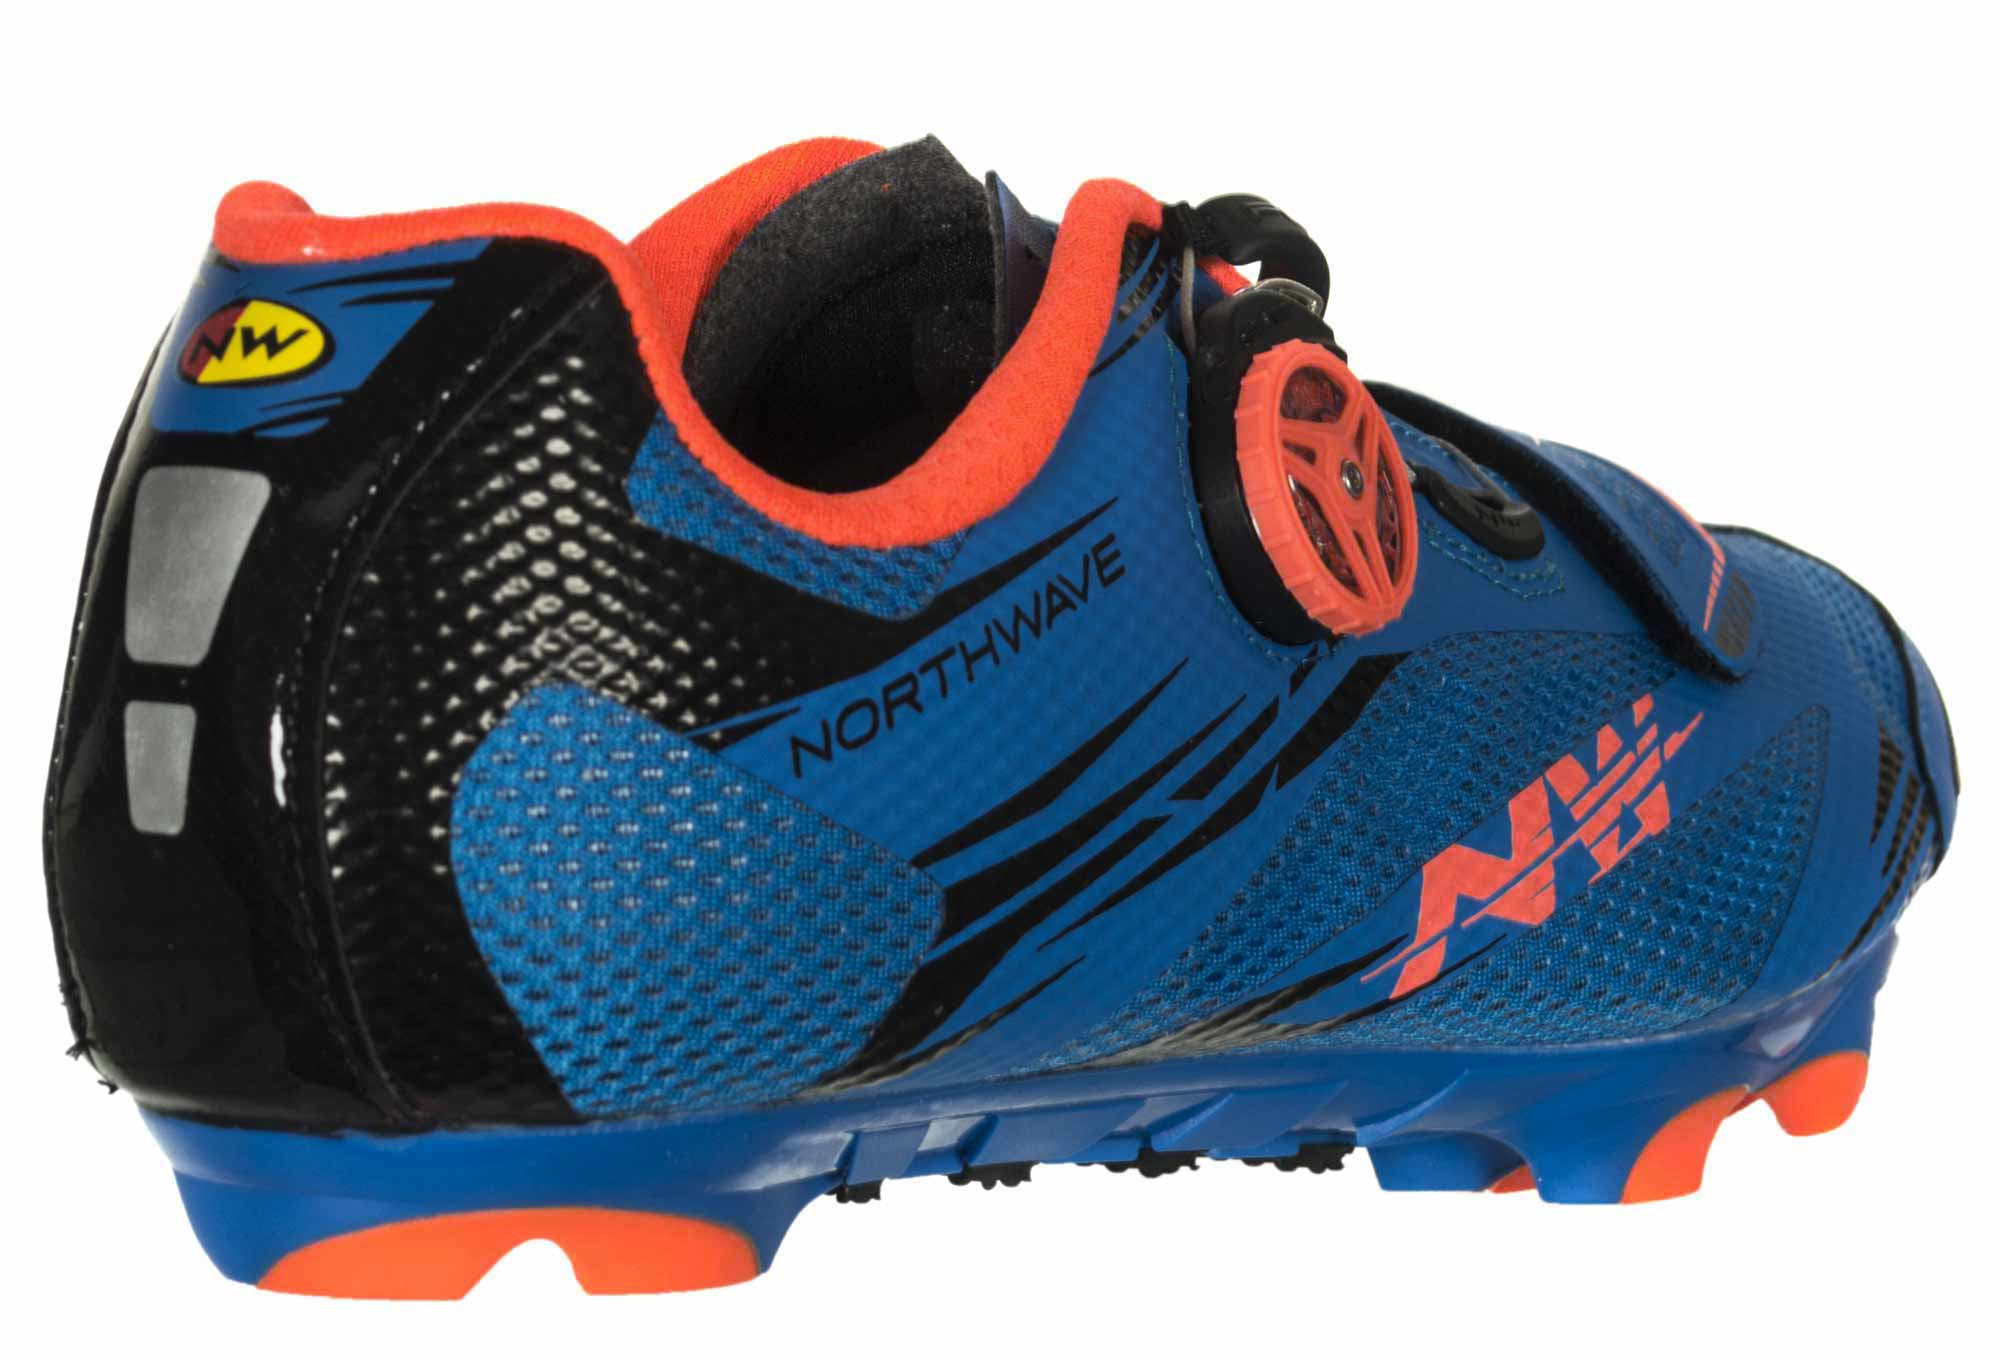 Schuhe NORTHWAVE Scorpius 2 Plus Blue Orange